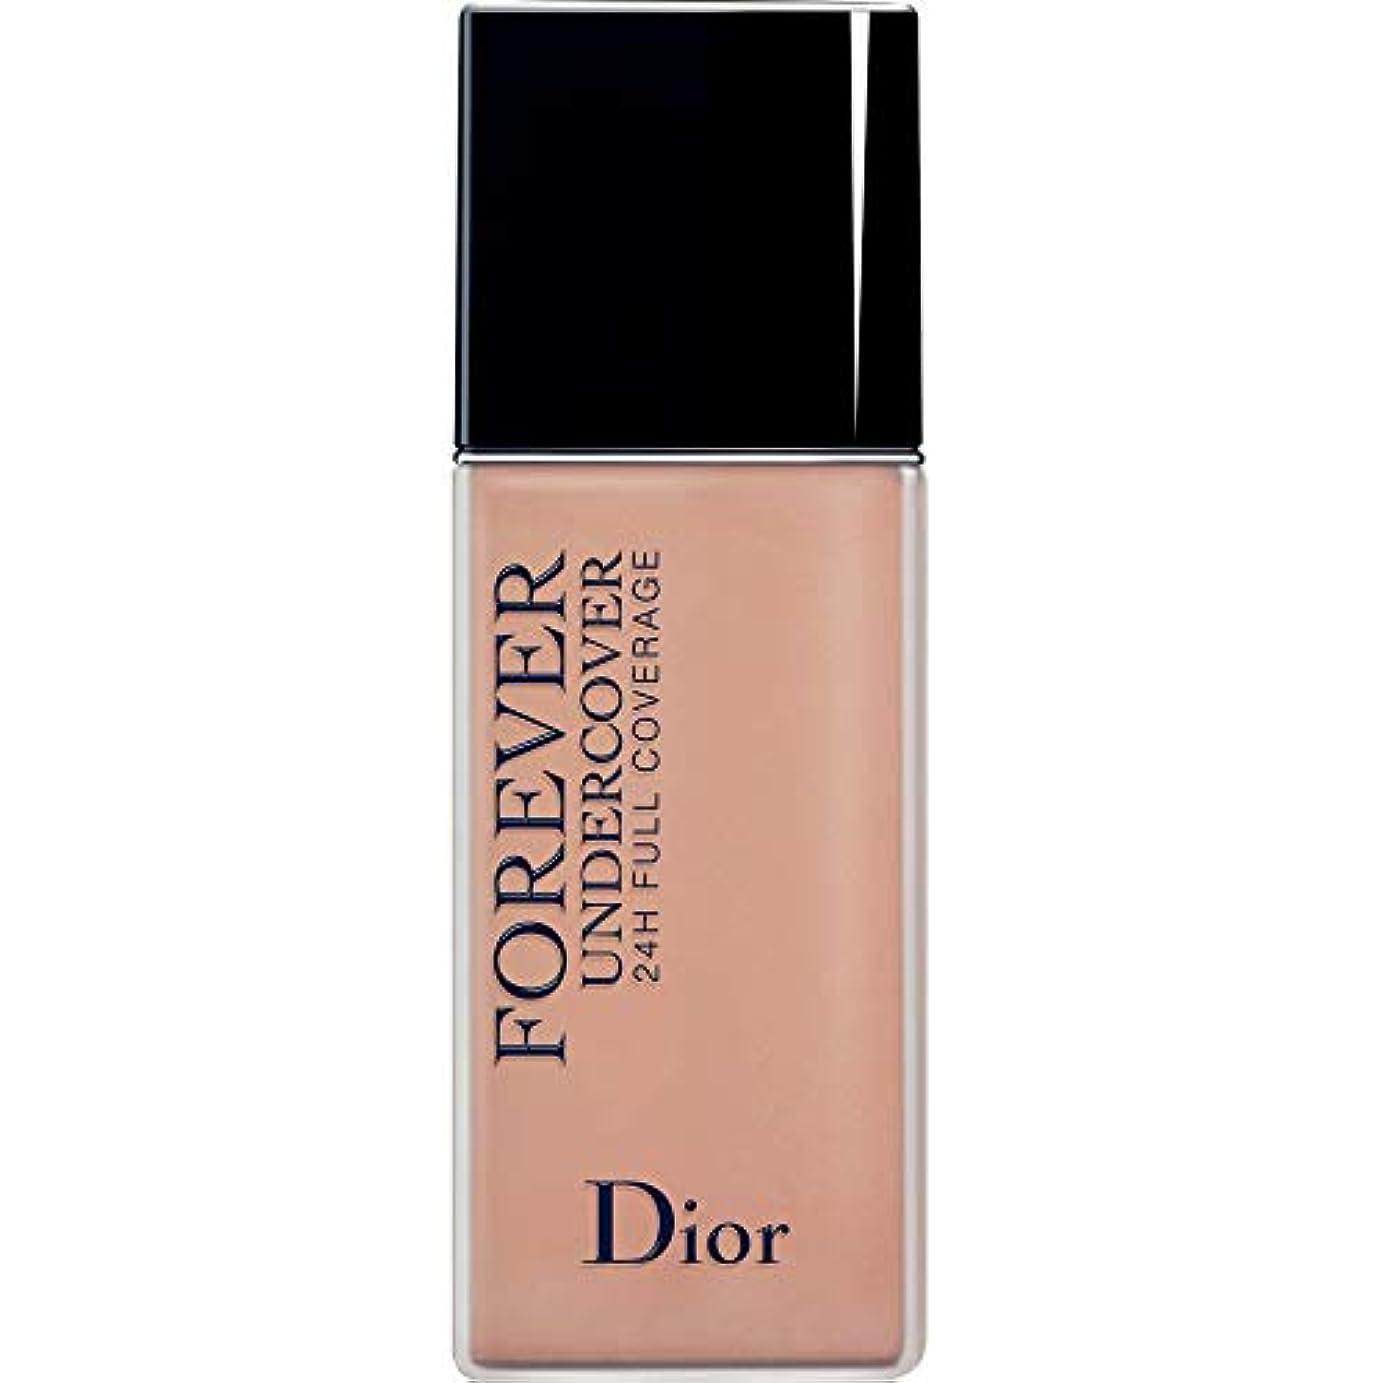 フラップお酢相対的[Dior ] ディオールディオールスキン永遠アンダーカバーフルカバーの基礎40ミリリットル034 - アーモンドベージュ - DIOR Diorskin Forever Undercover Full Coverage...